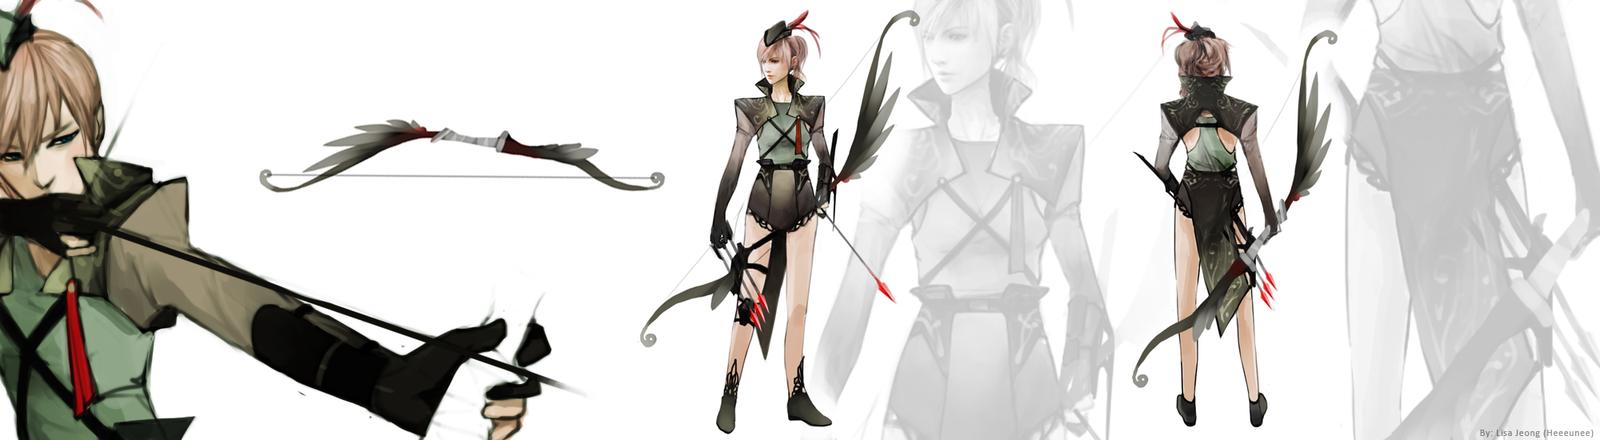 Robin by Heeeunee